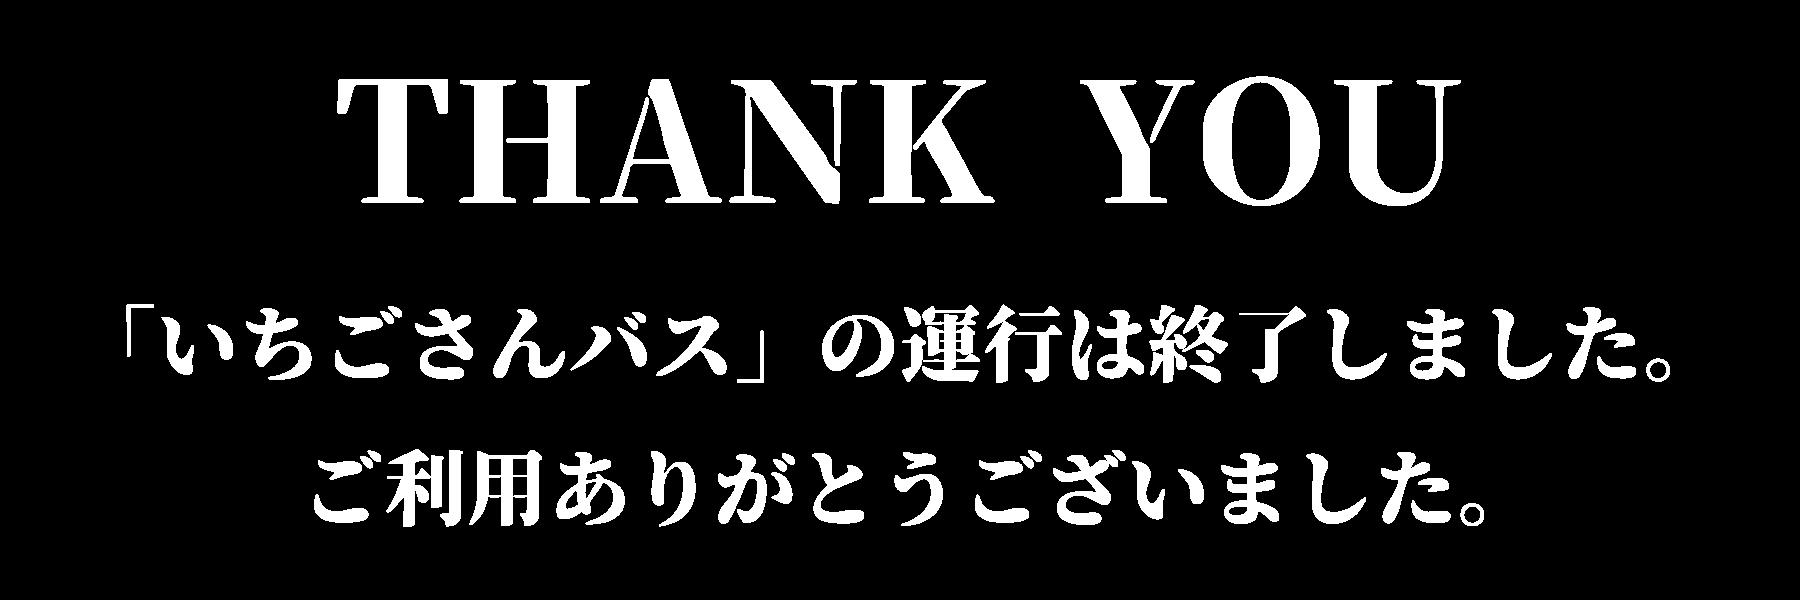 text_03_thankyou